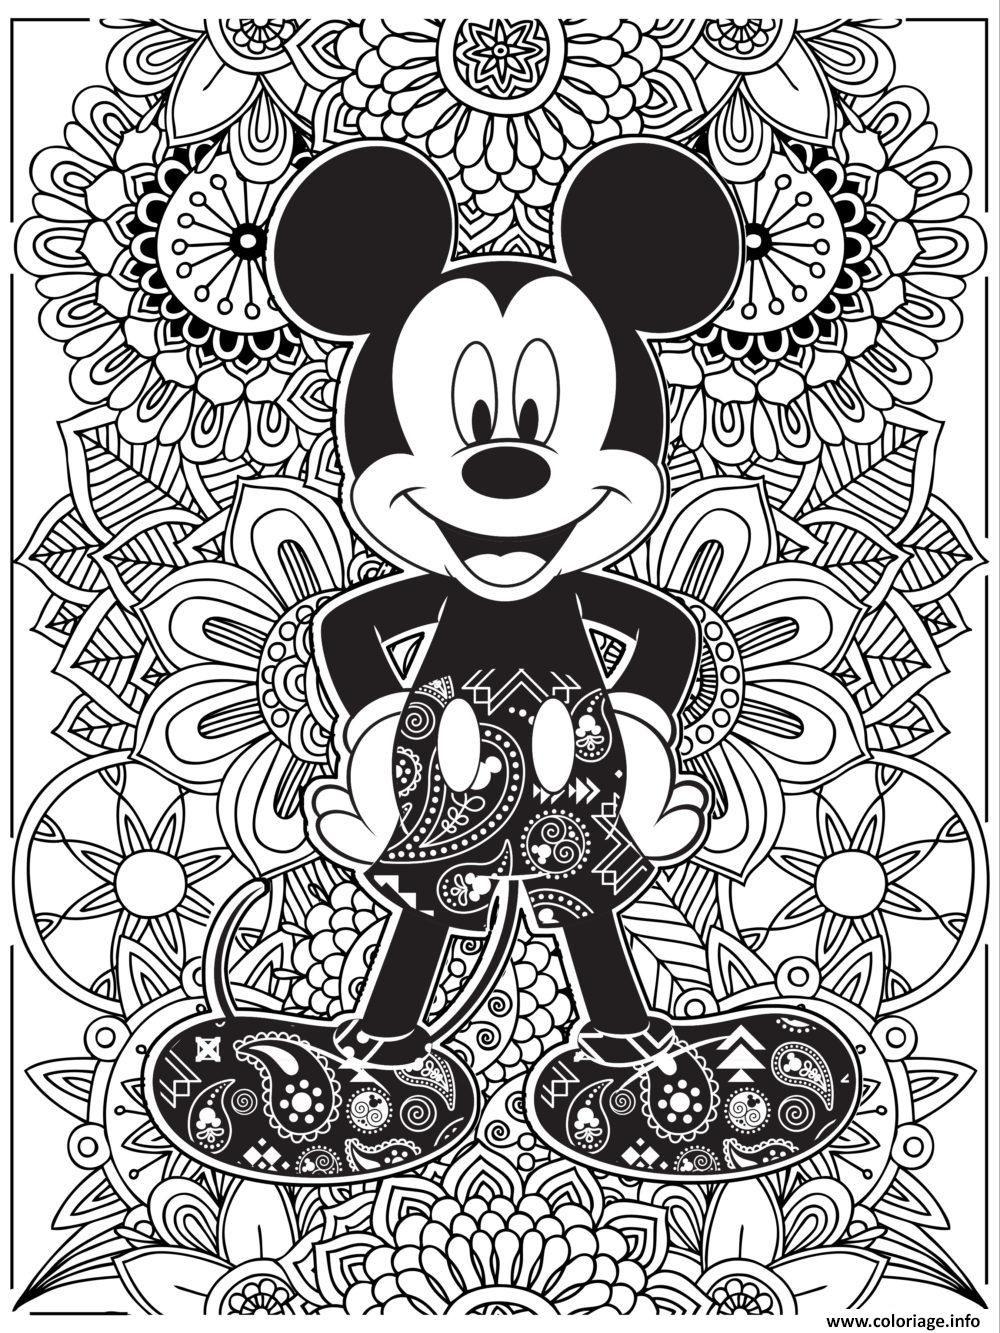 Dessin A Imprimer Mandala Disney : dessin, imprimer, mandala, disney, Coloriage, Mandala, Disney, Mickeymouse, Dessin, Imprimer, Mickey,, Disney,